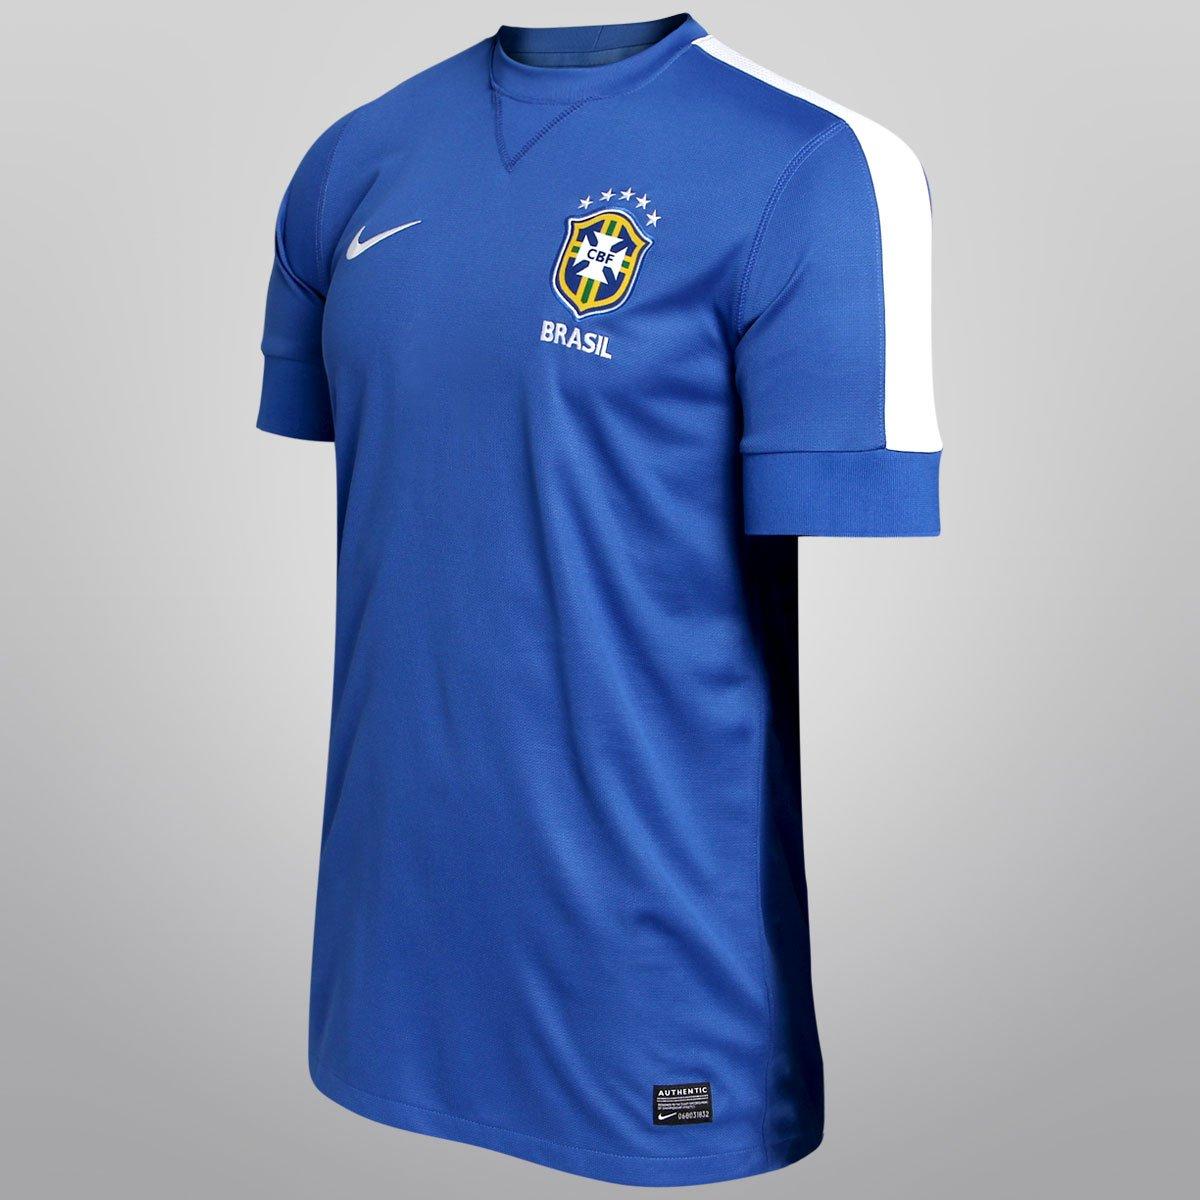 Camisa Nike Seleção Brasil II 2013 s nº - Compre Agora  1b3aa68686f10